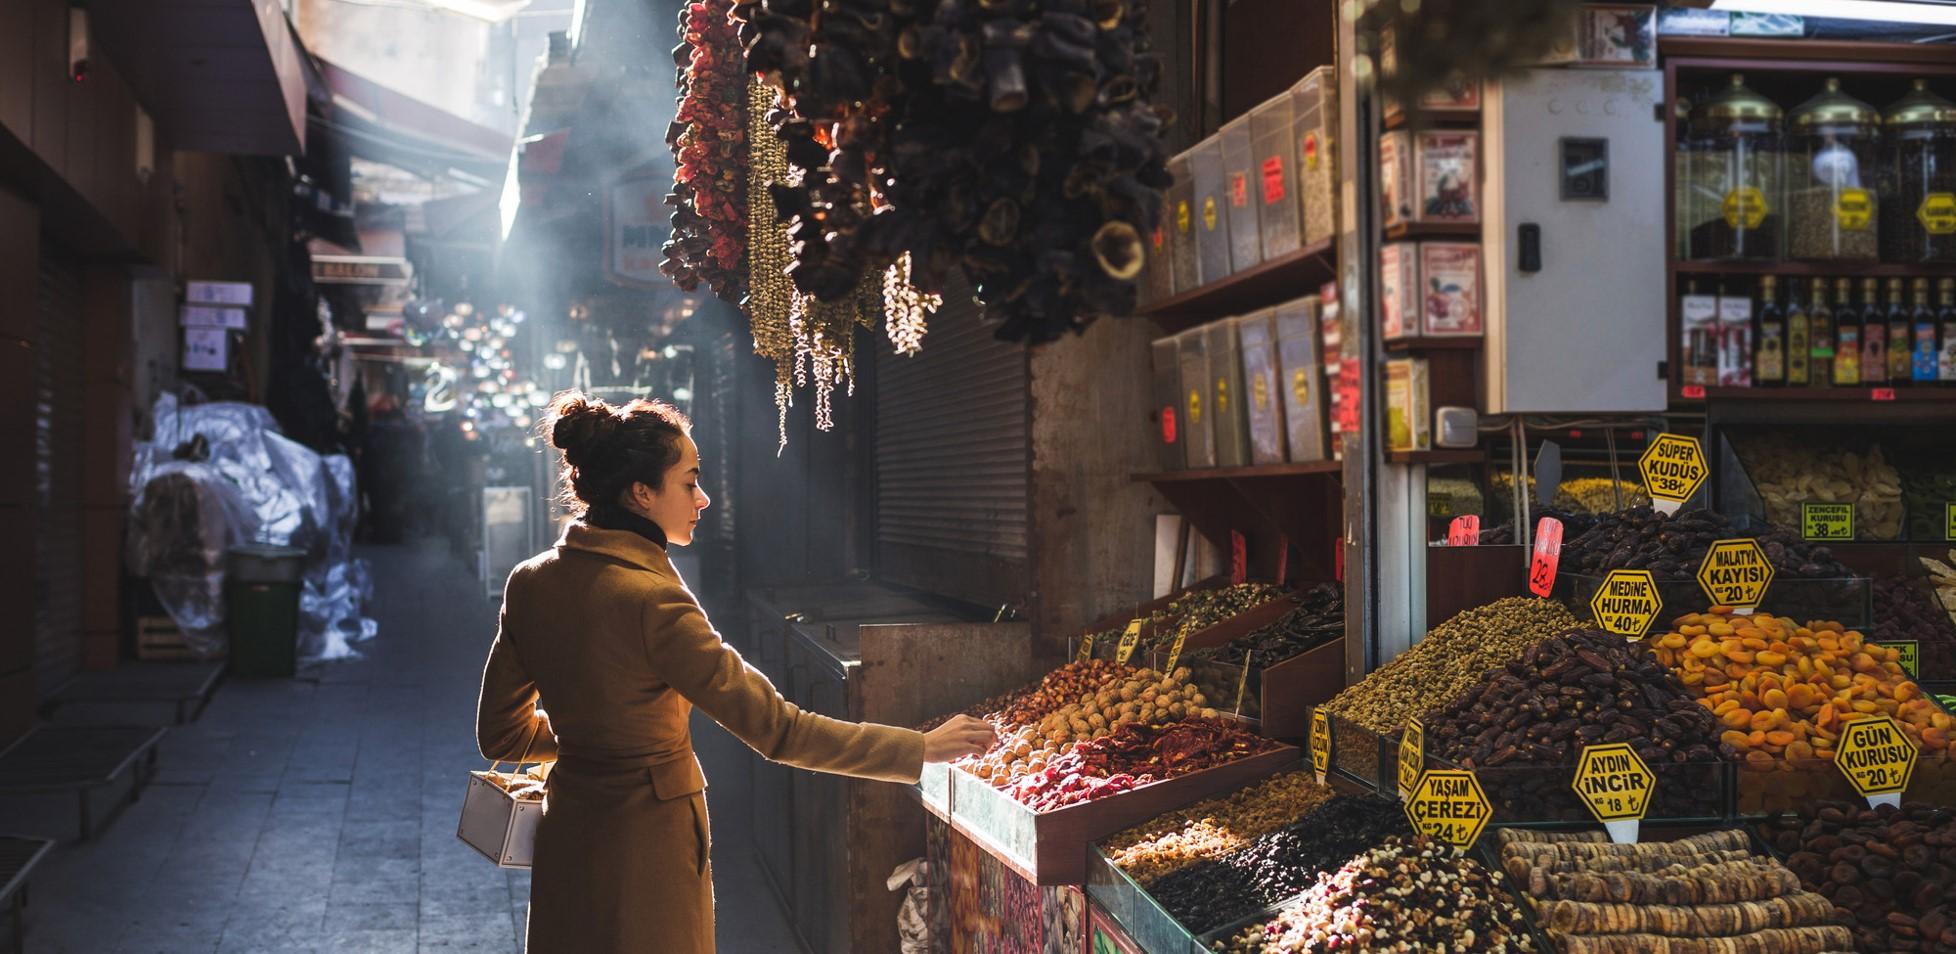 chi phí sinh hoạt ở Istanbul Thổ Nhĩ Kỳ